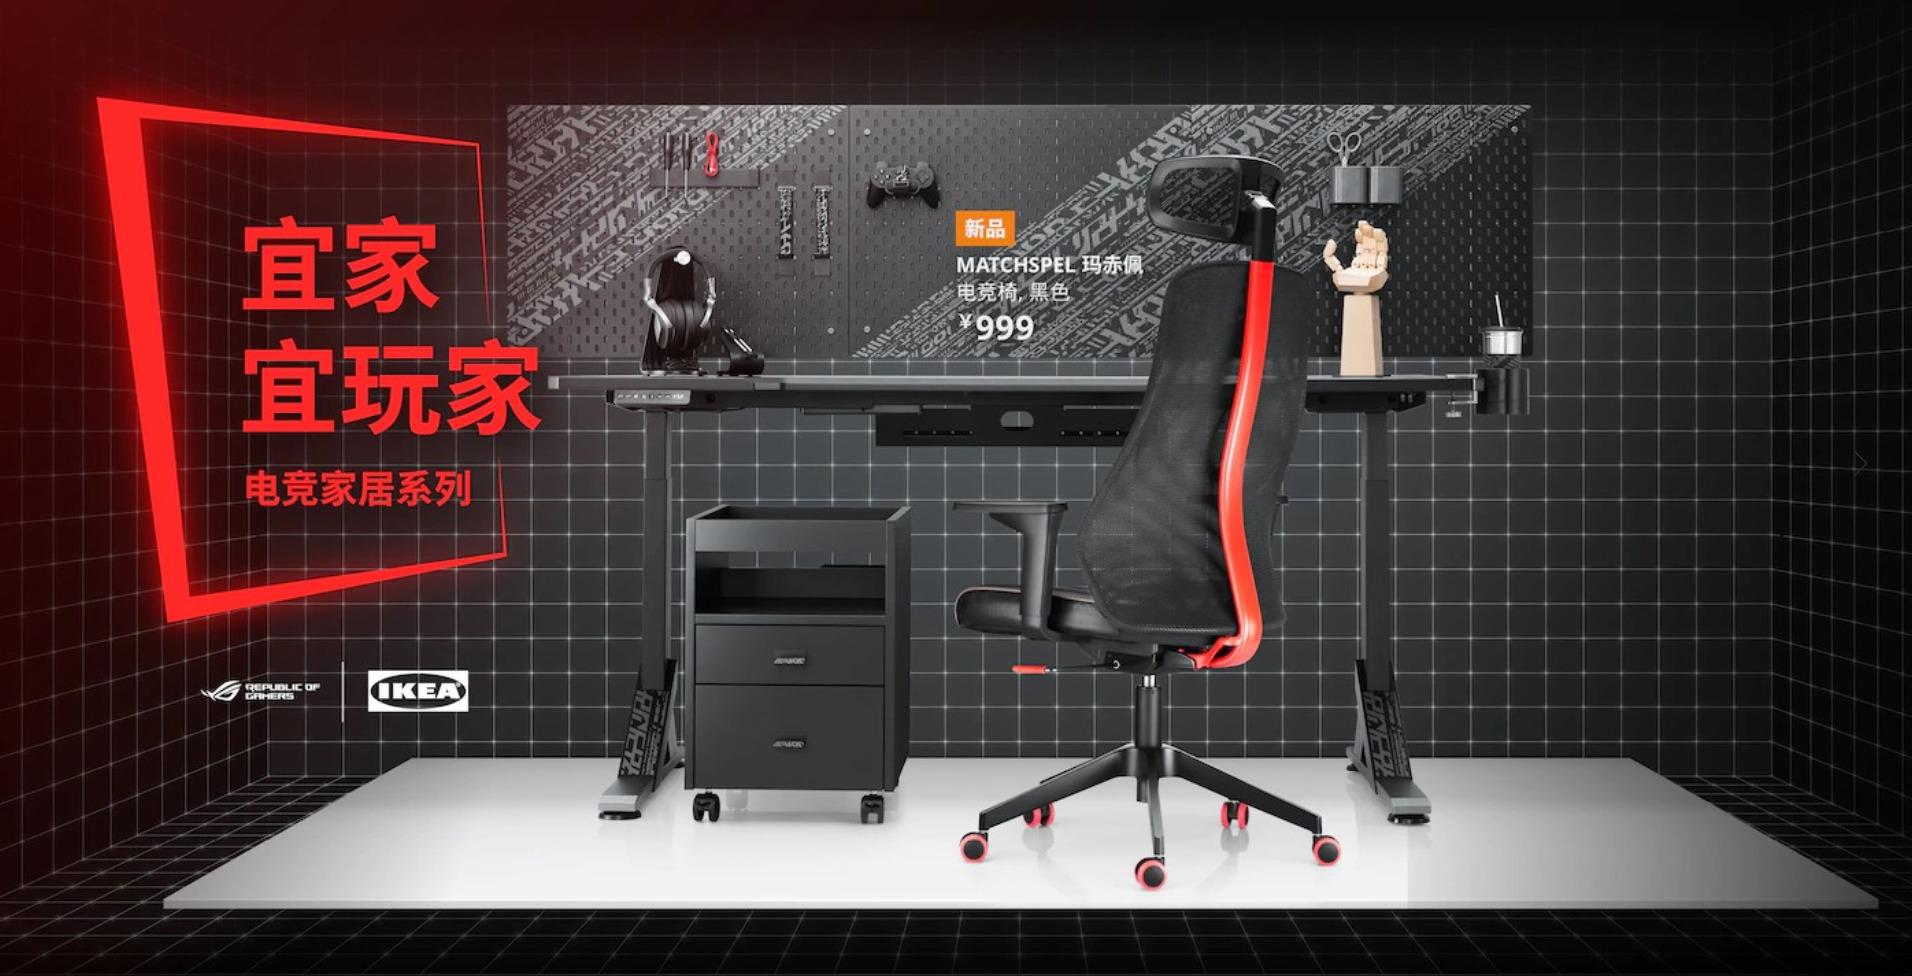 Asus ROG x IKEA